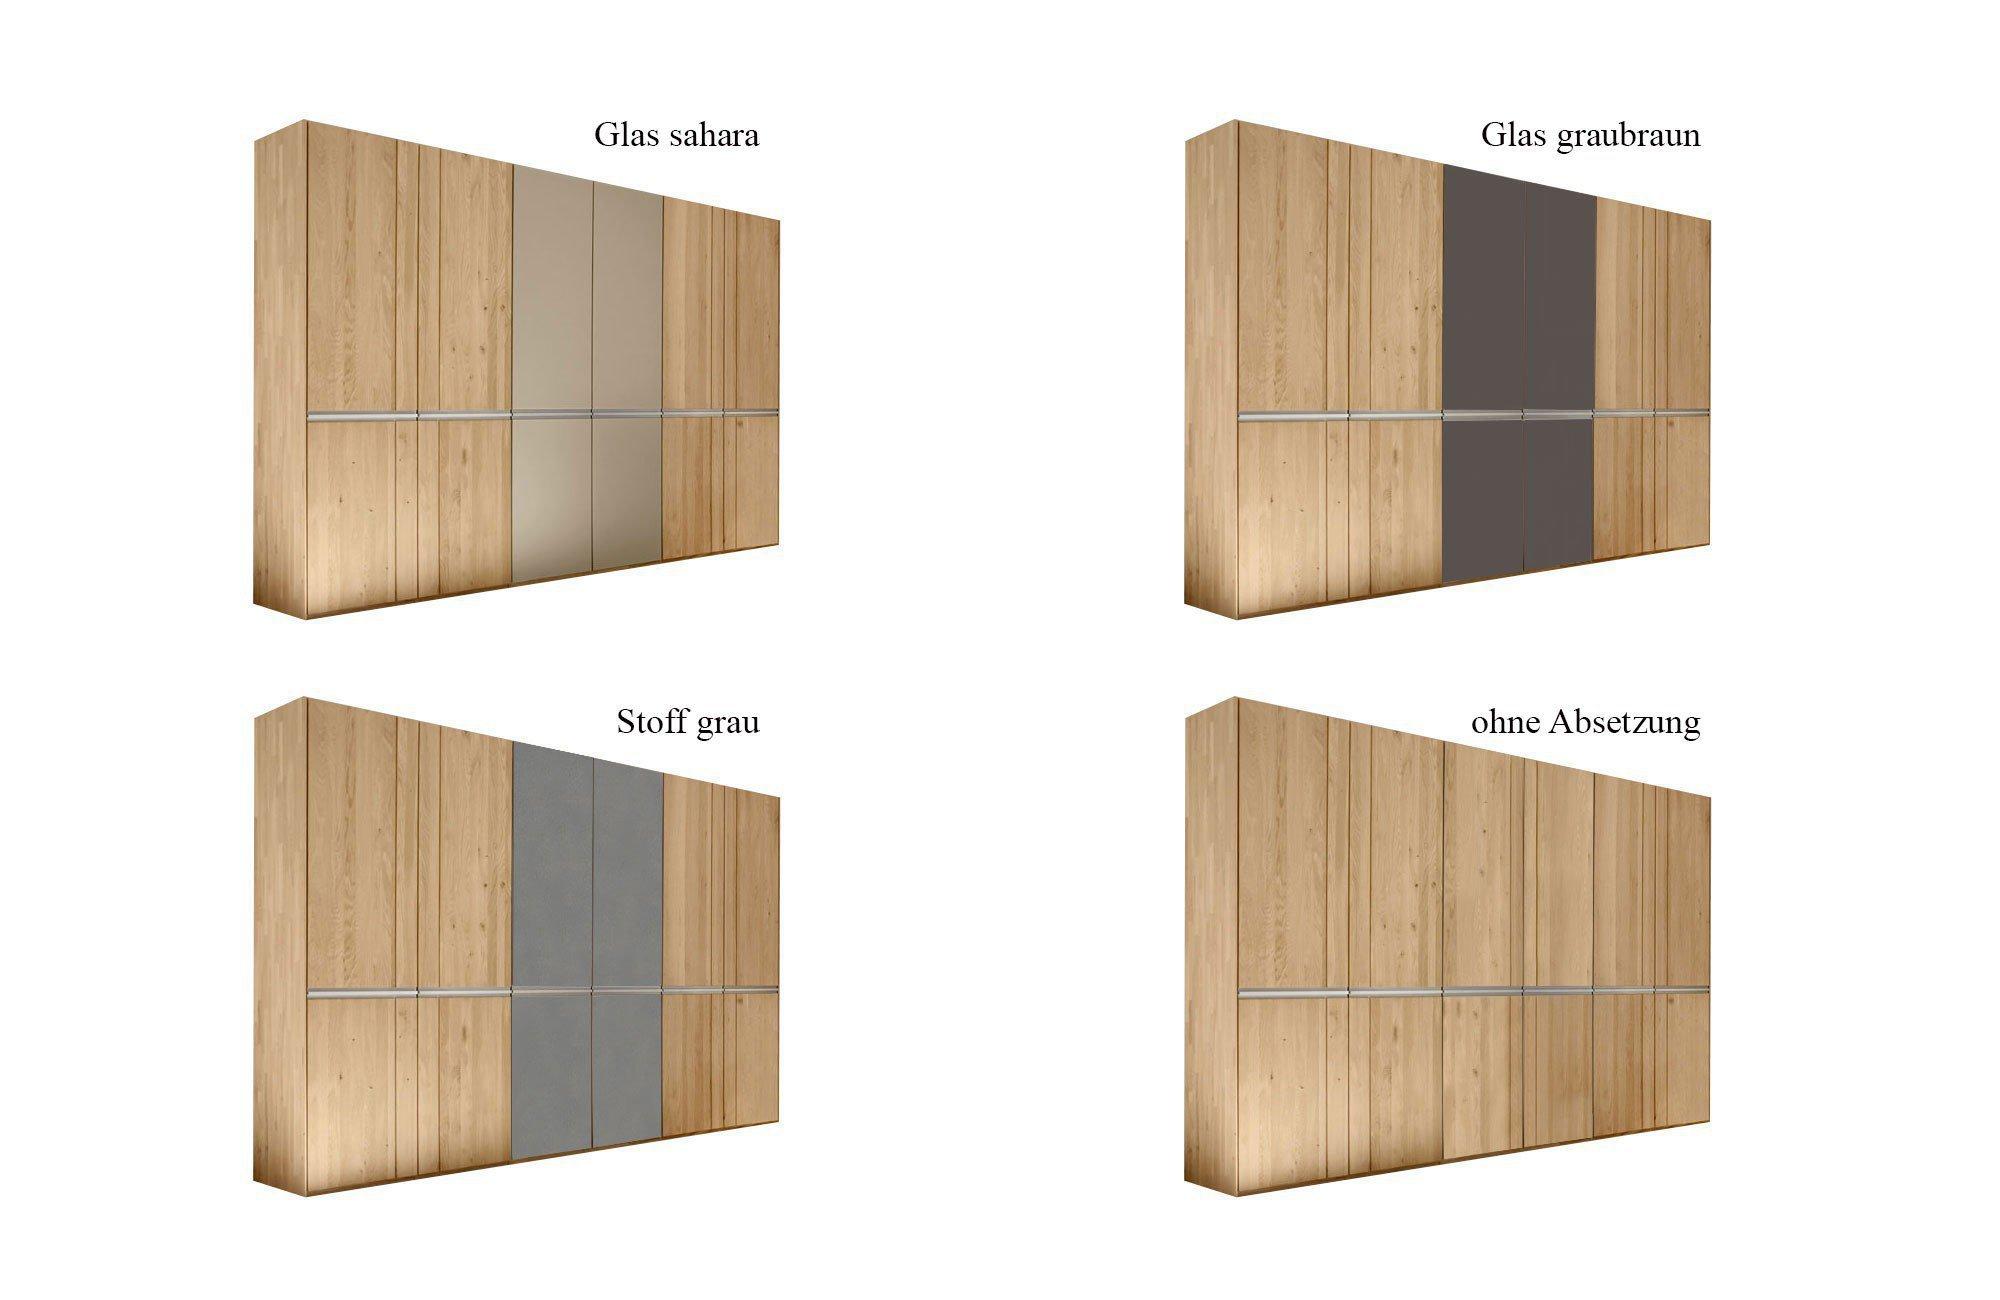 Loddenkemper Leno Schrank Glasabsetzung | Möbel Letz - Ihr Online-Shop